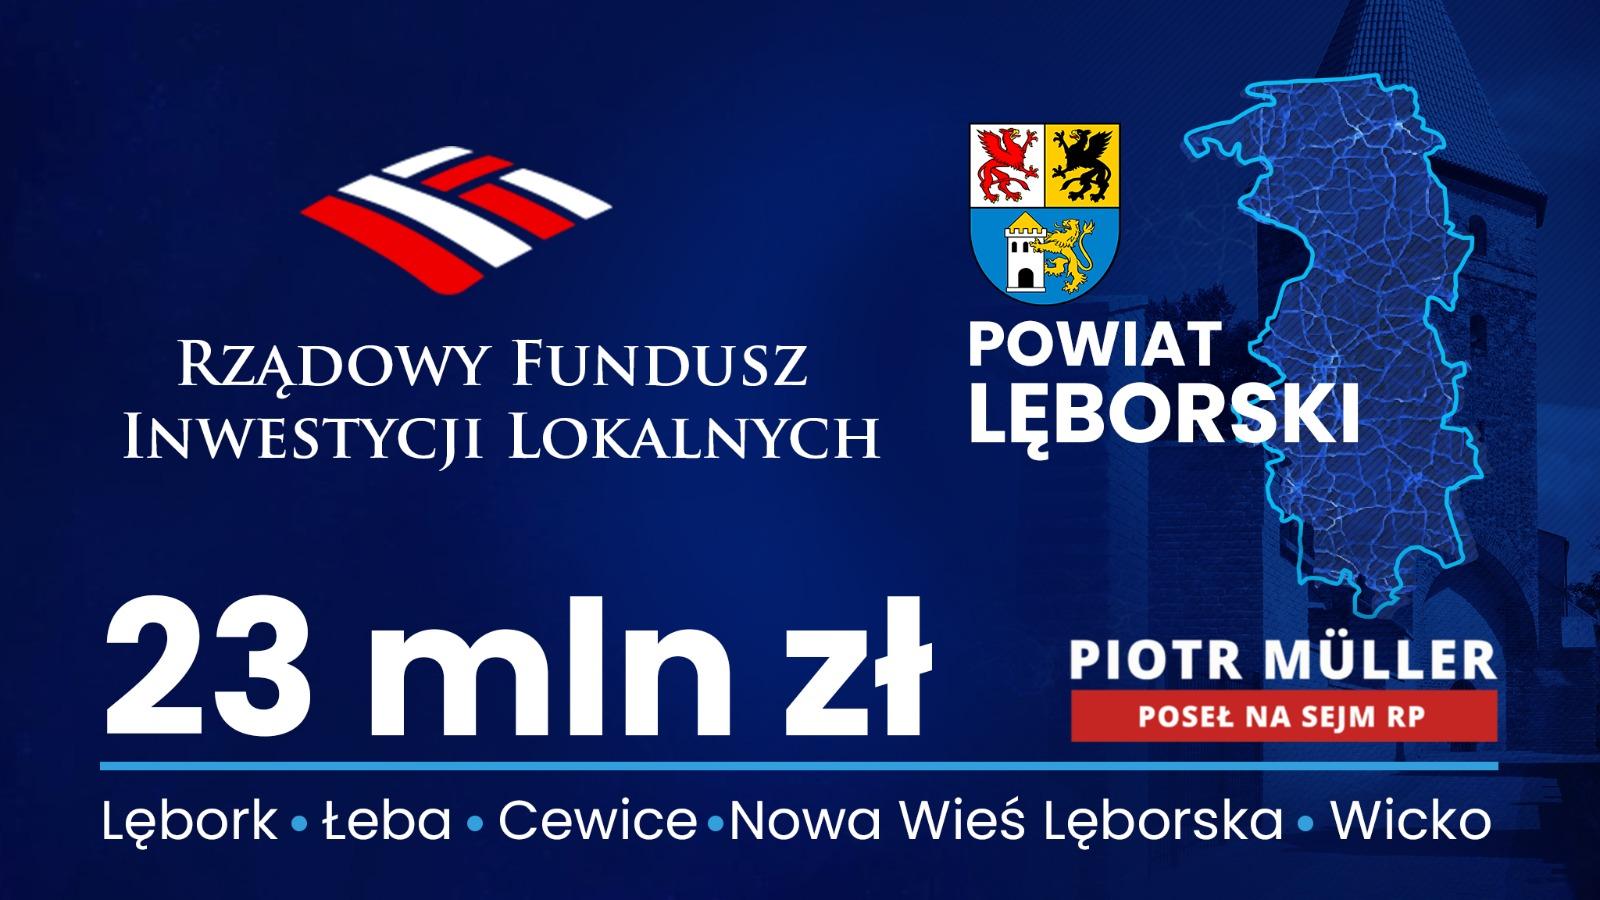 Rządowy Fundusz Inwestycji Lokalnych w regionie lęborskim